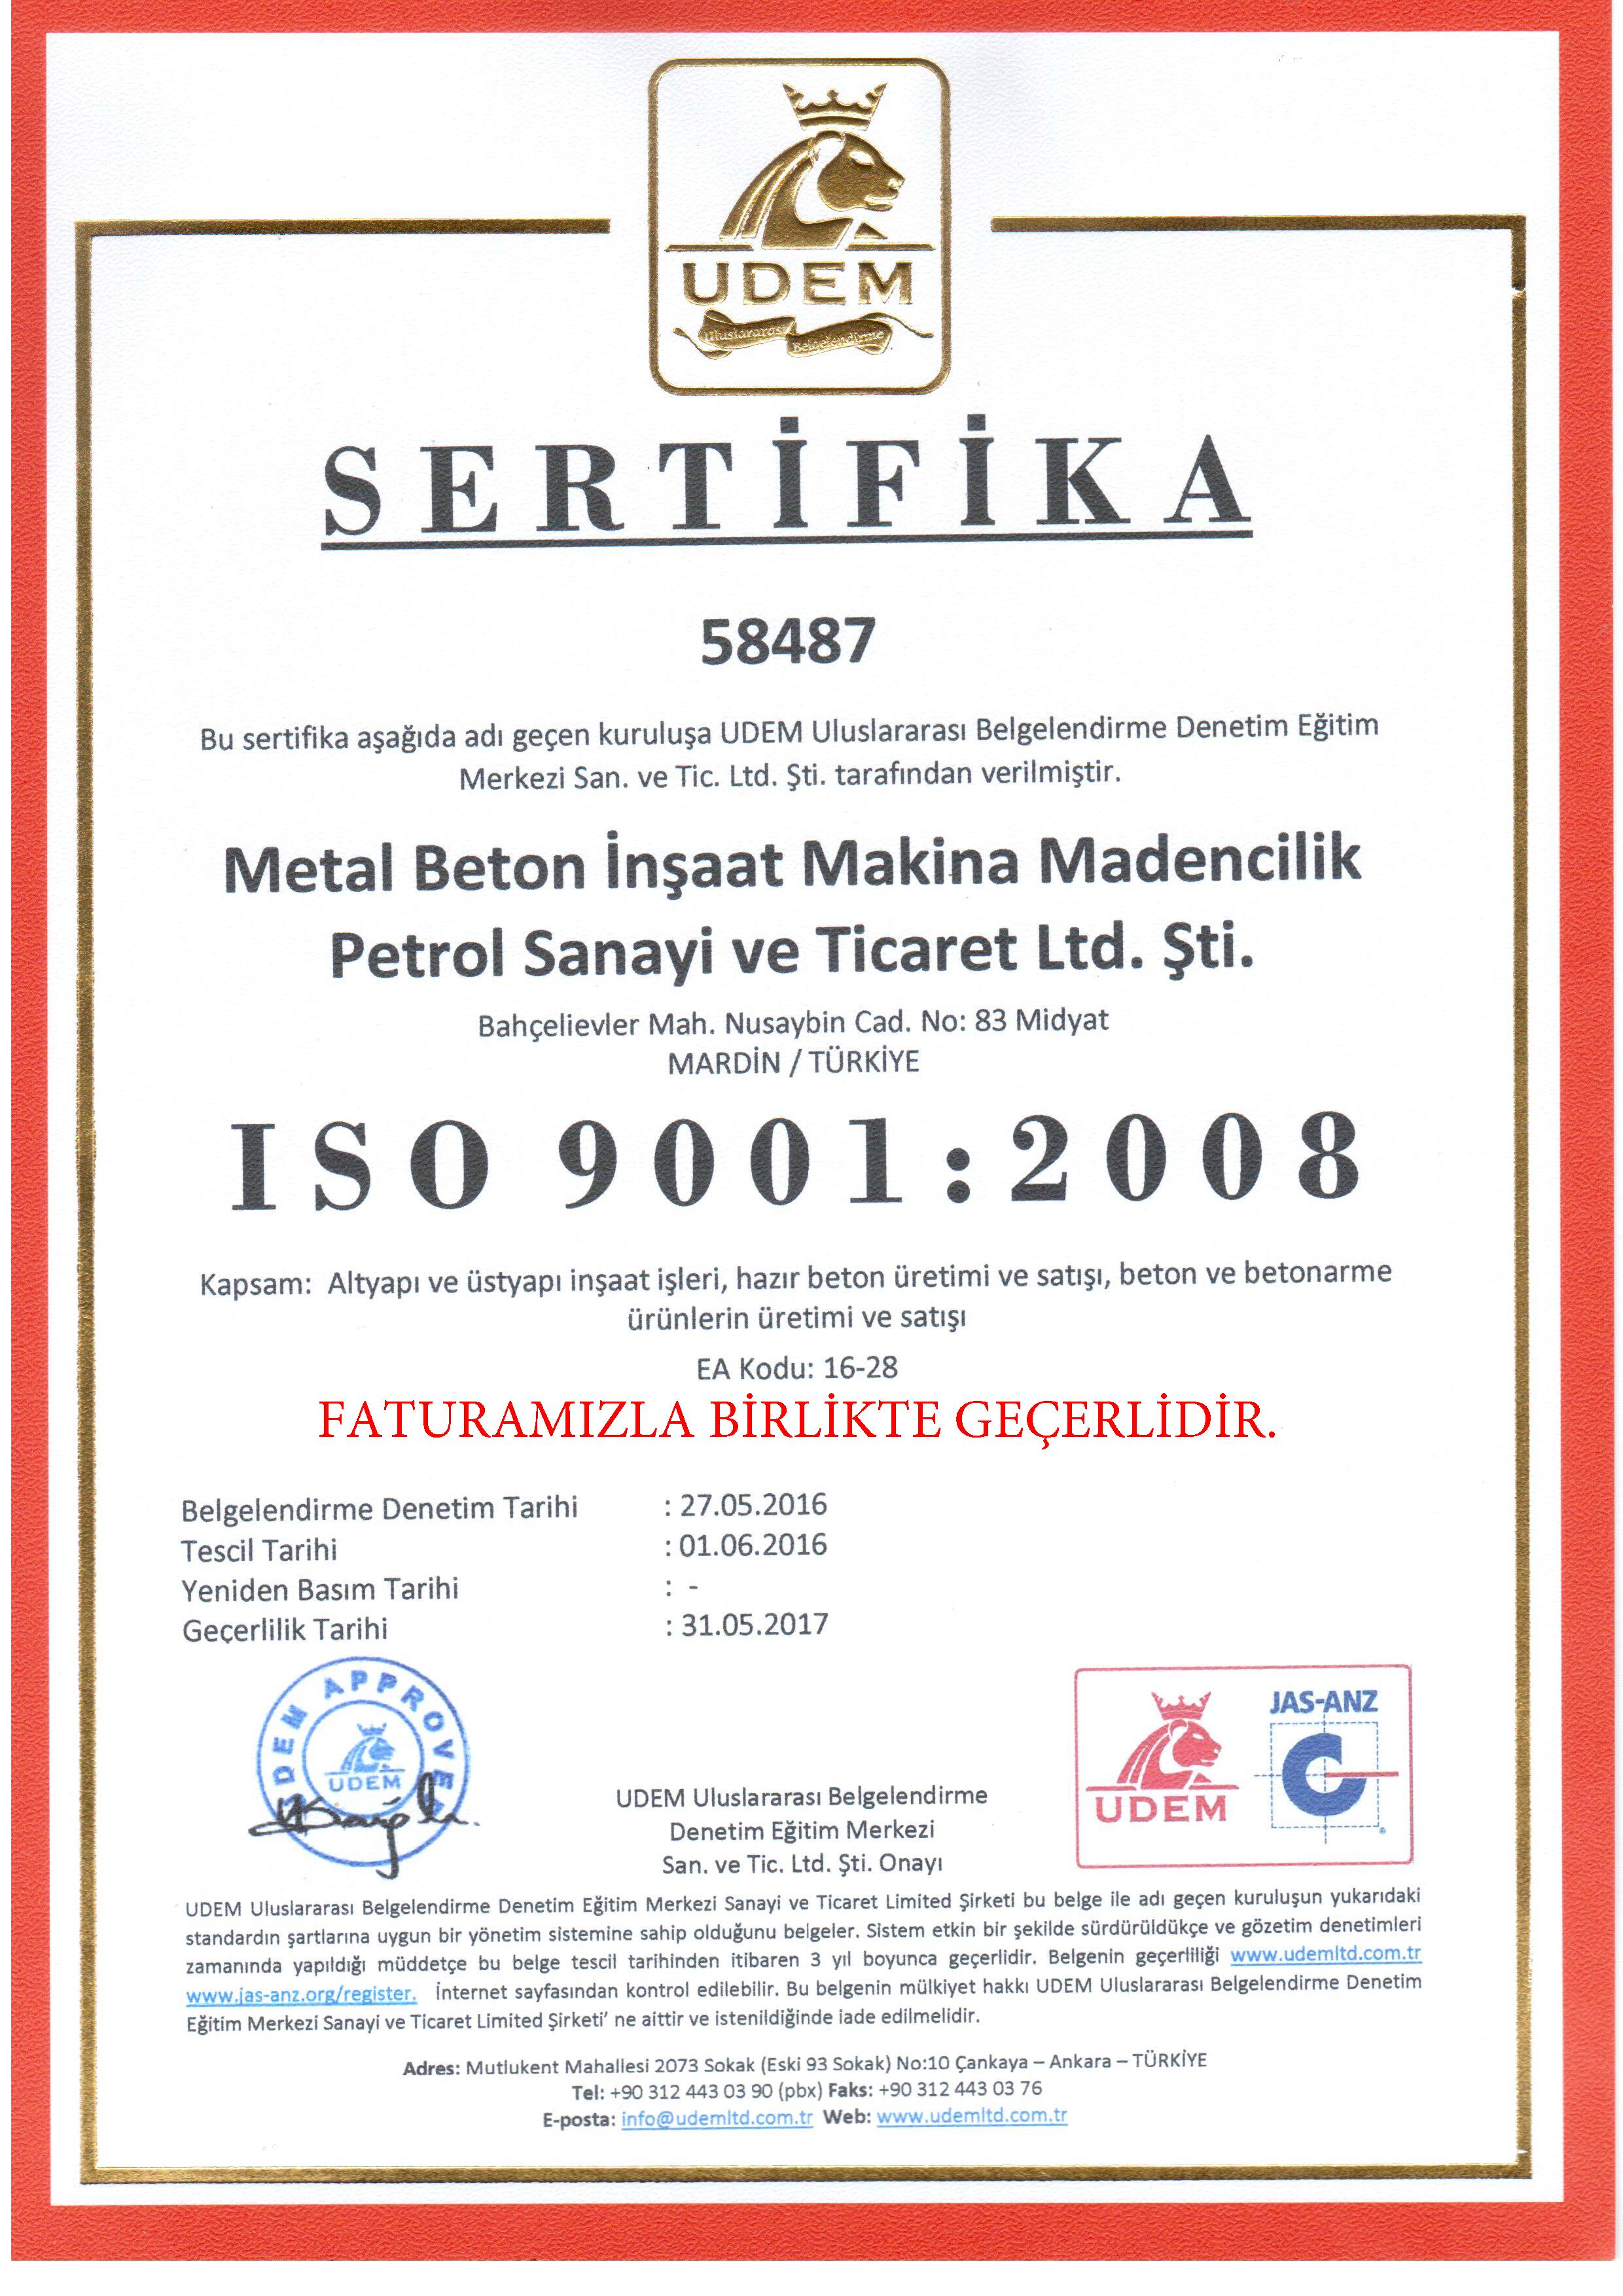 ISO-9001-2008 SERTİFİKA